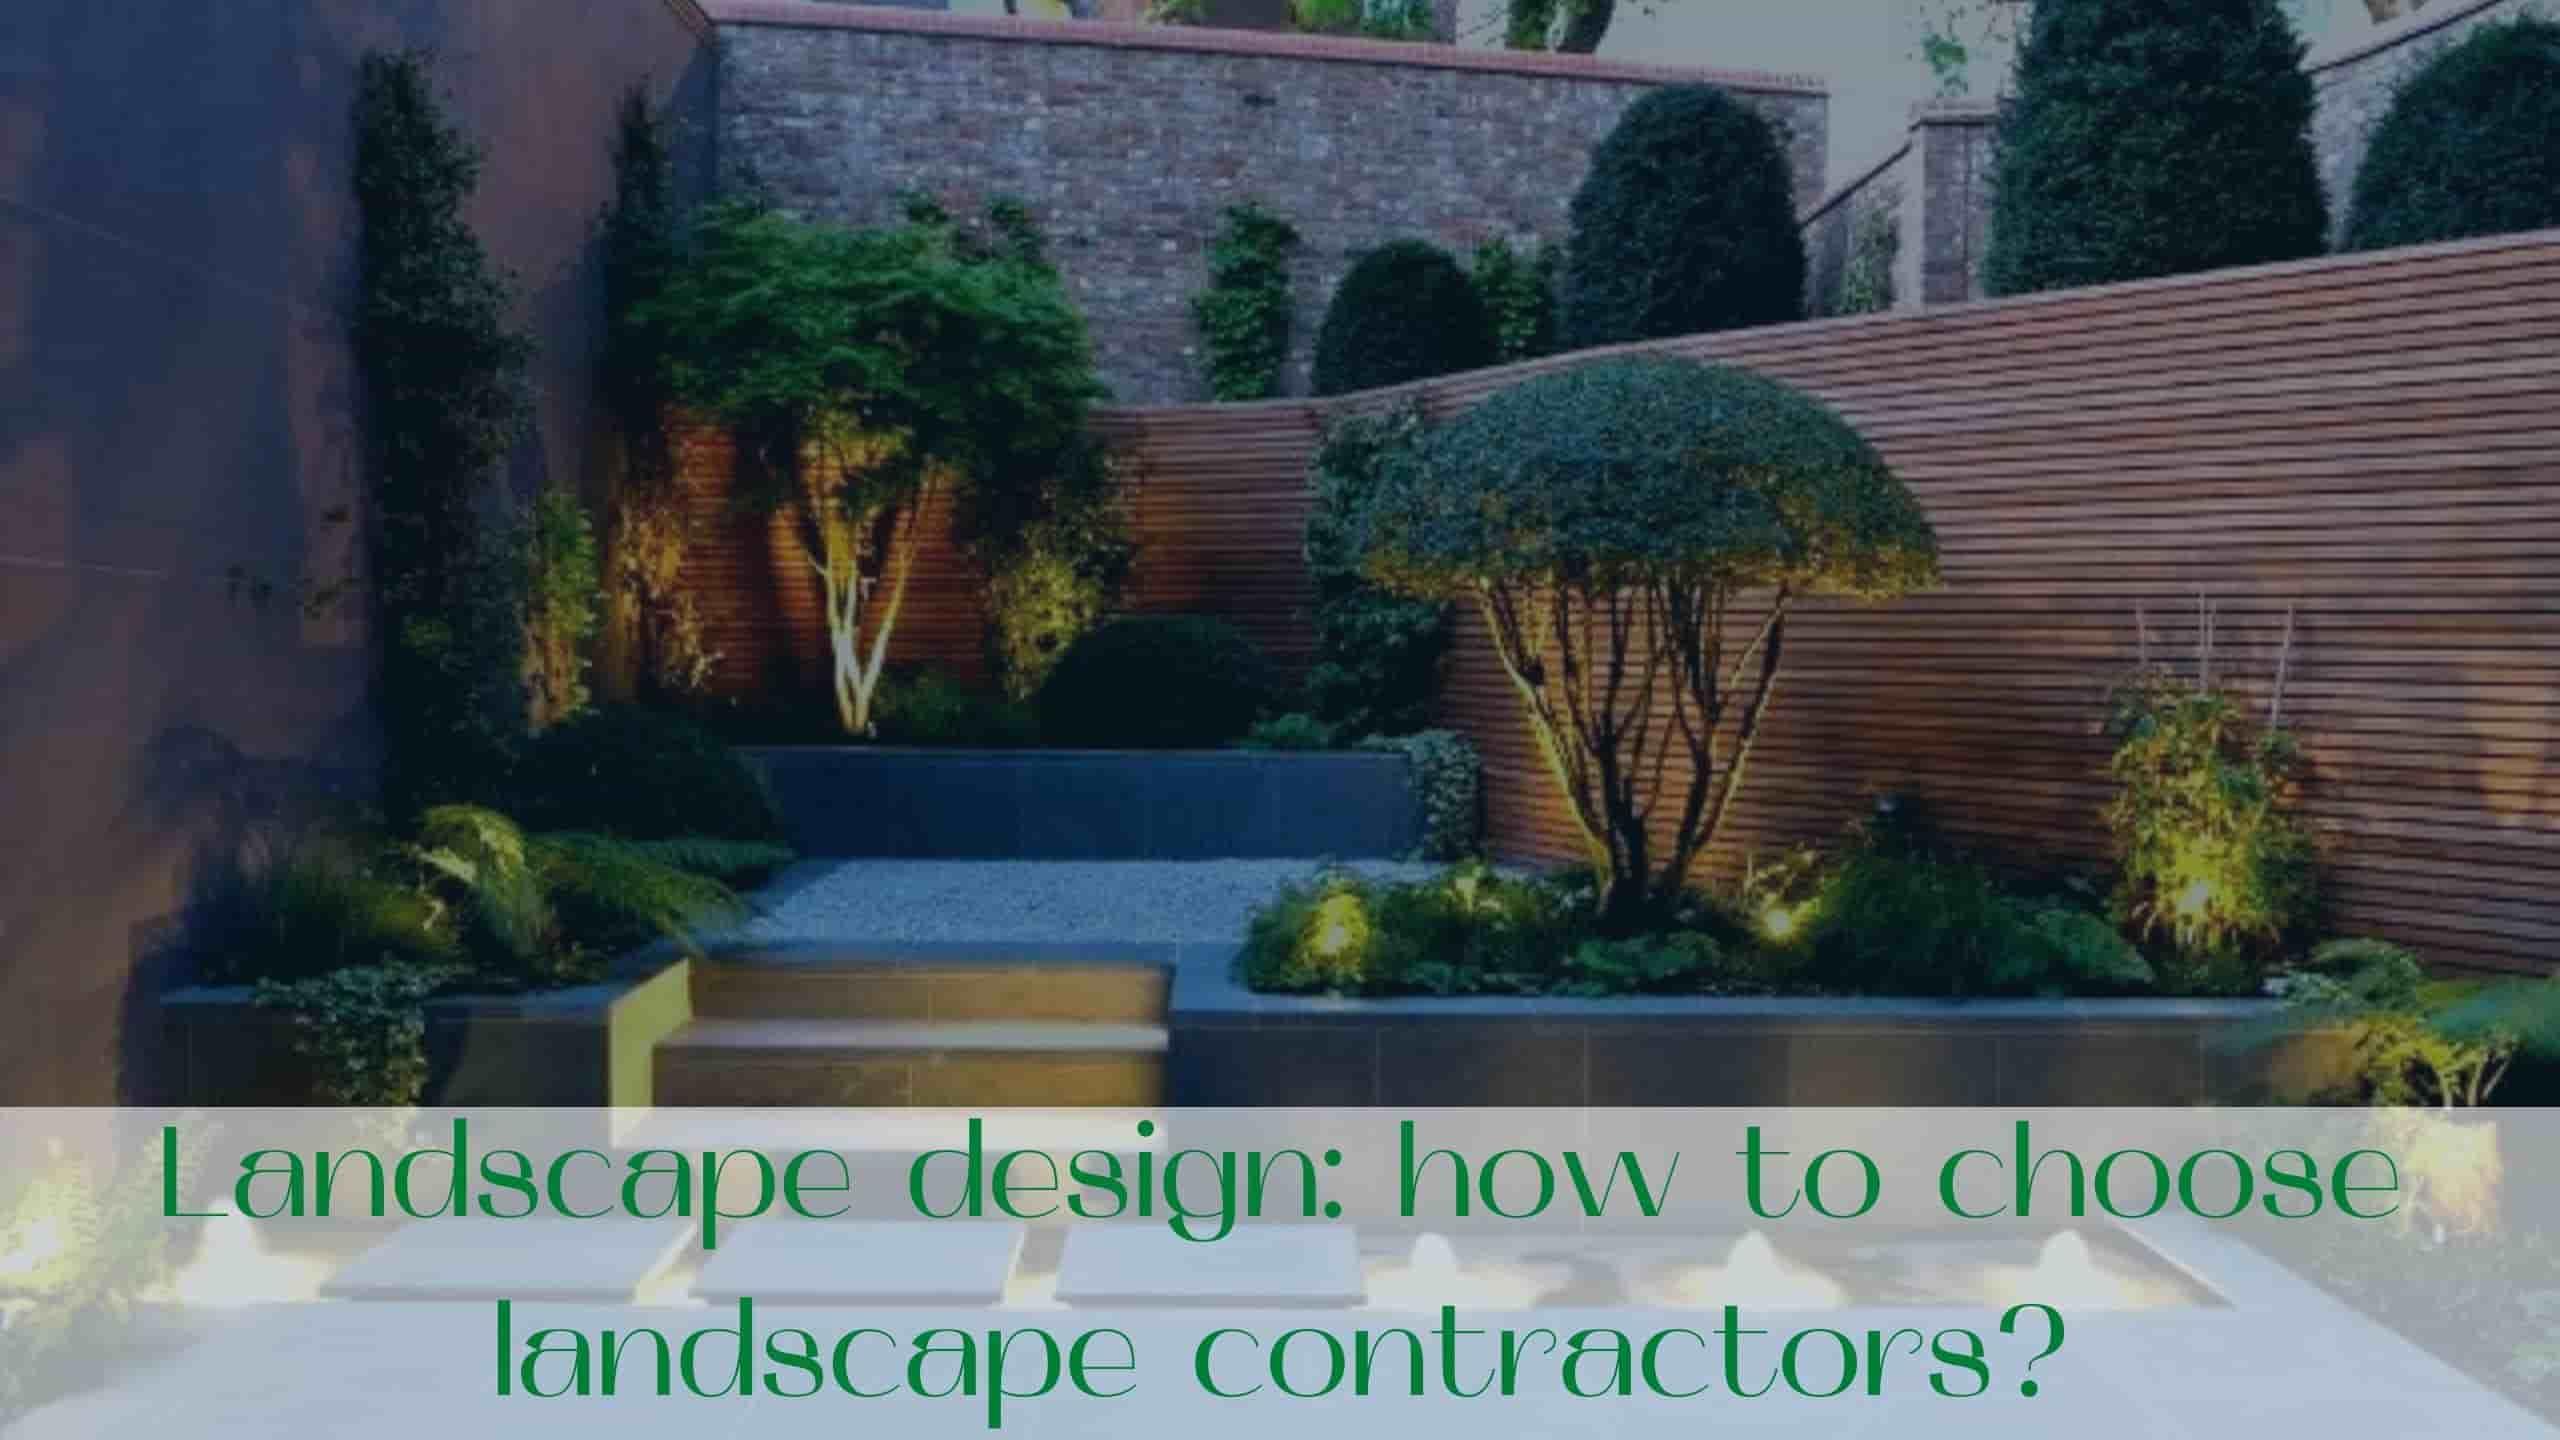 image-Landscape-design-how-to-choose-landscape-contractors